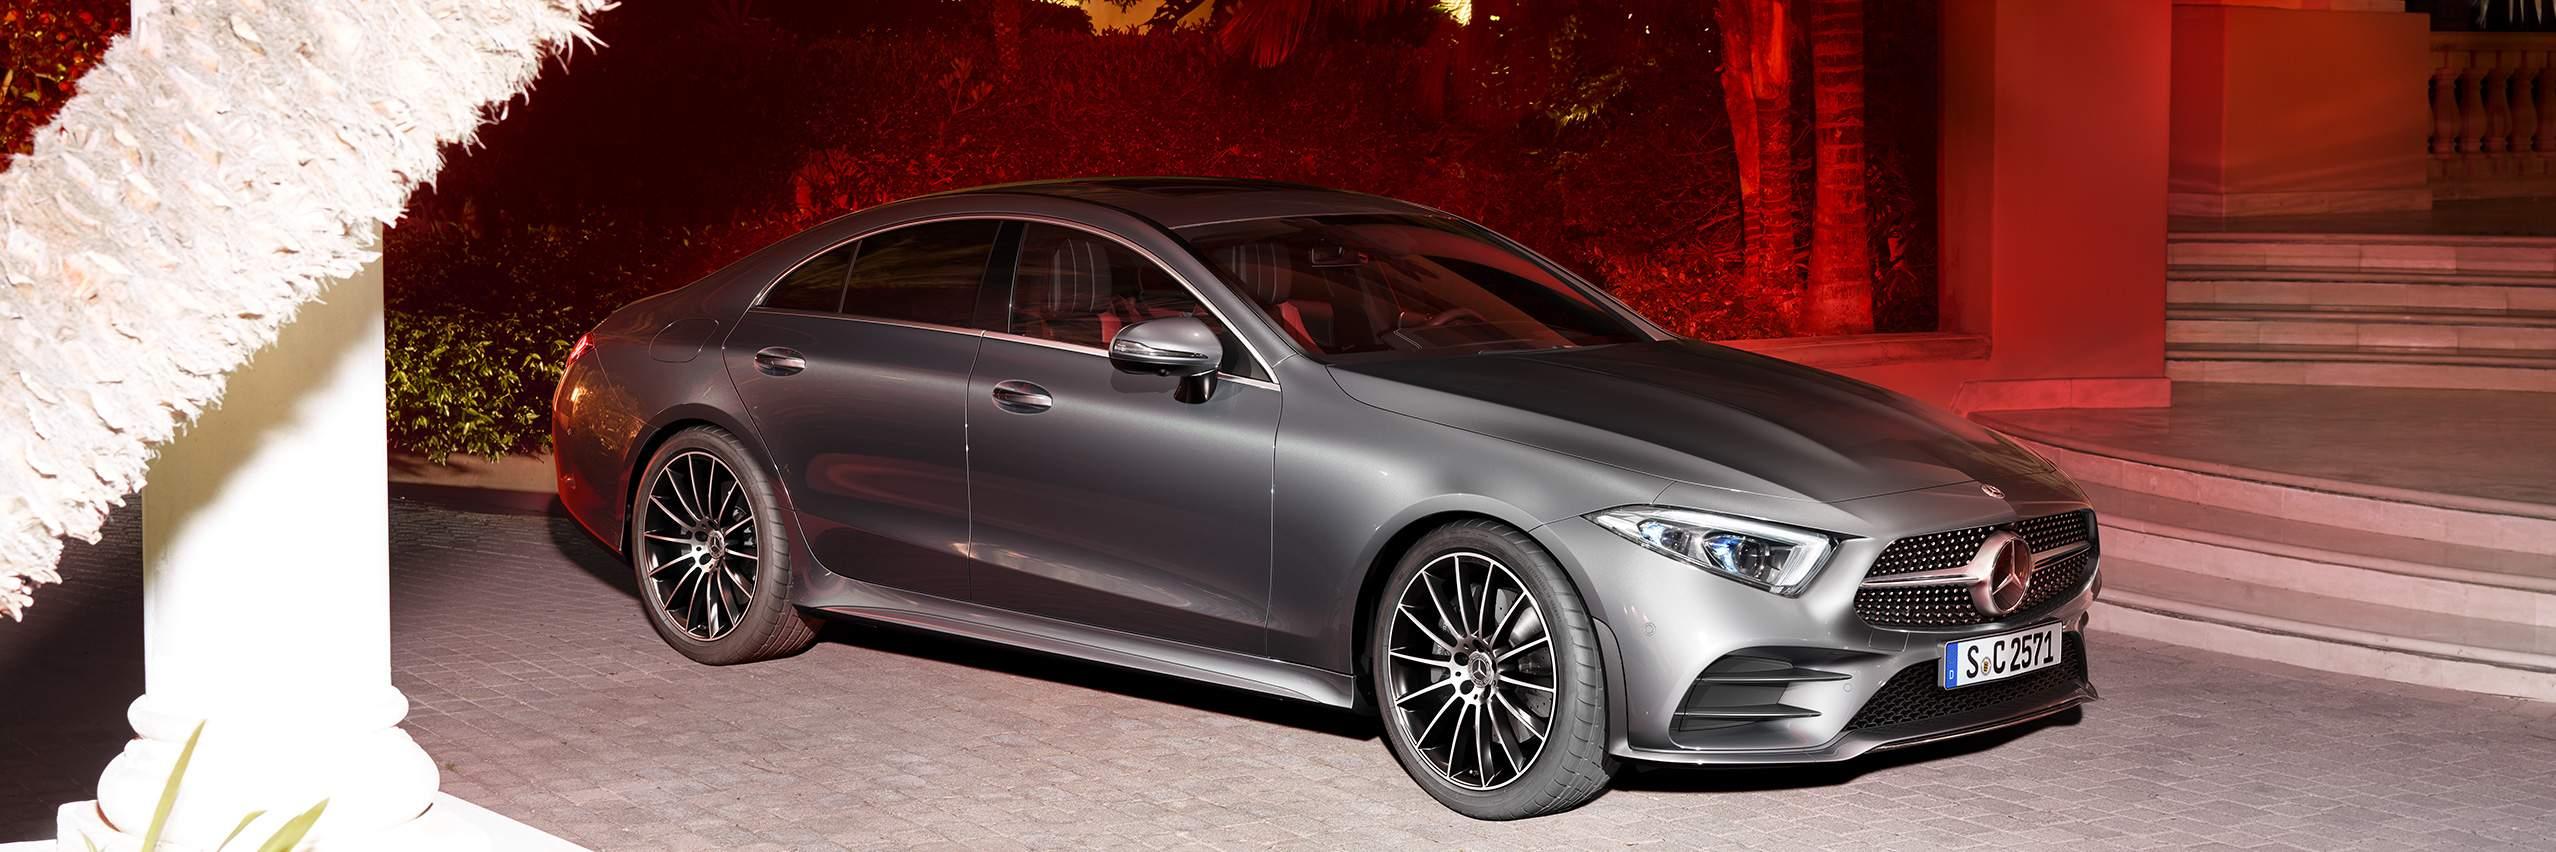 CAR-Avenue-Mercedes-Benz-CLS-Coupe-07